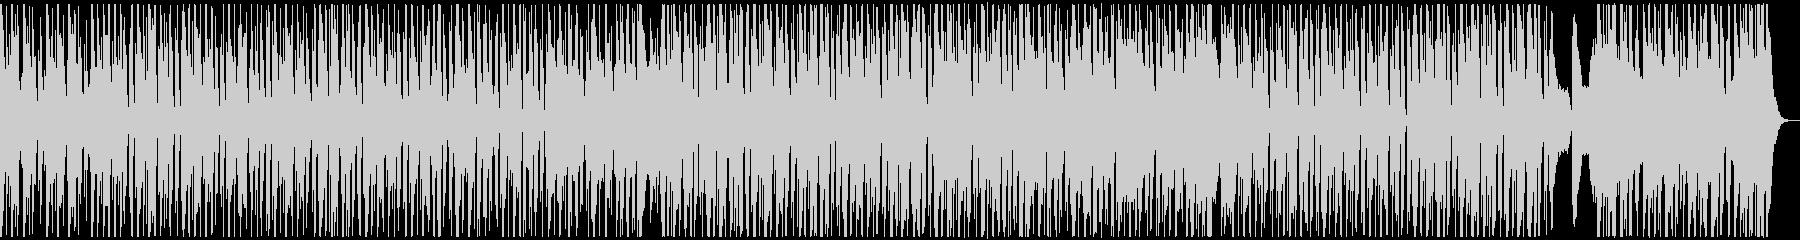 キラキラドリームの未再生の波形